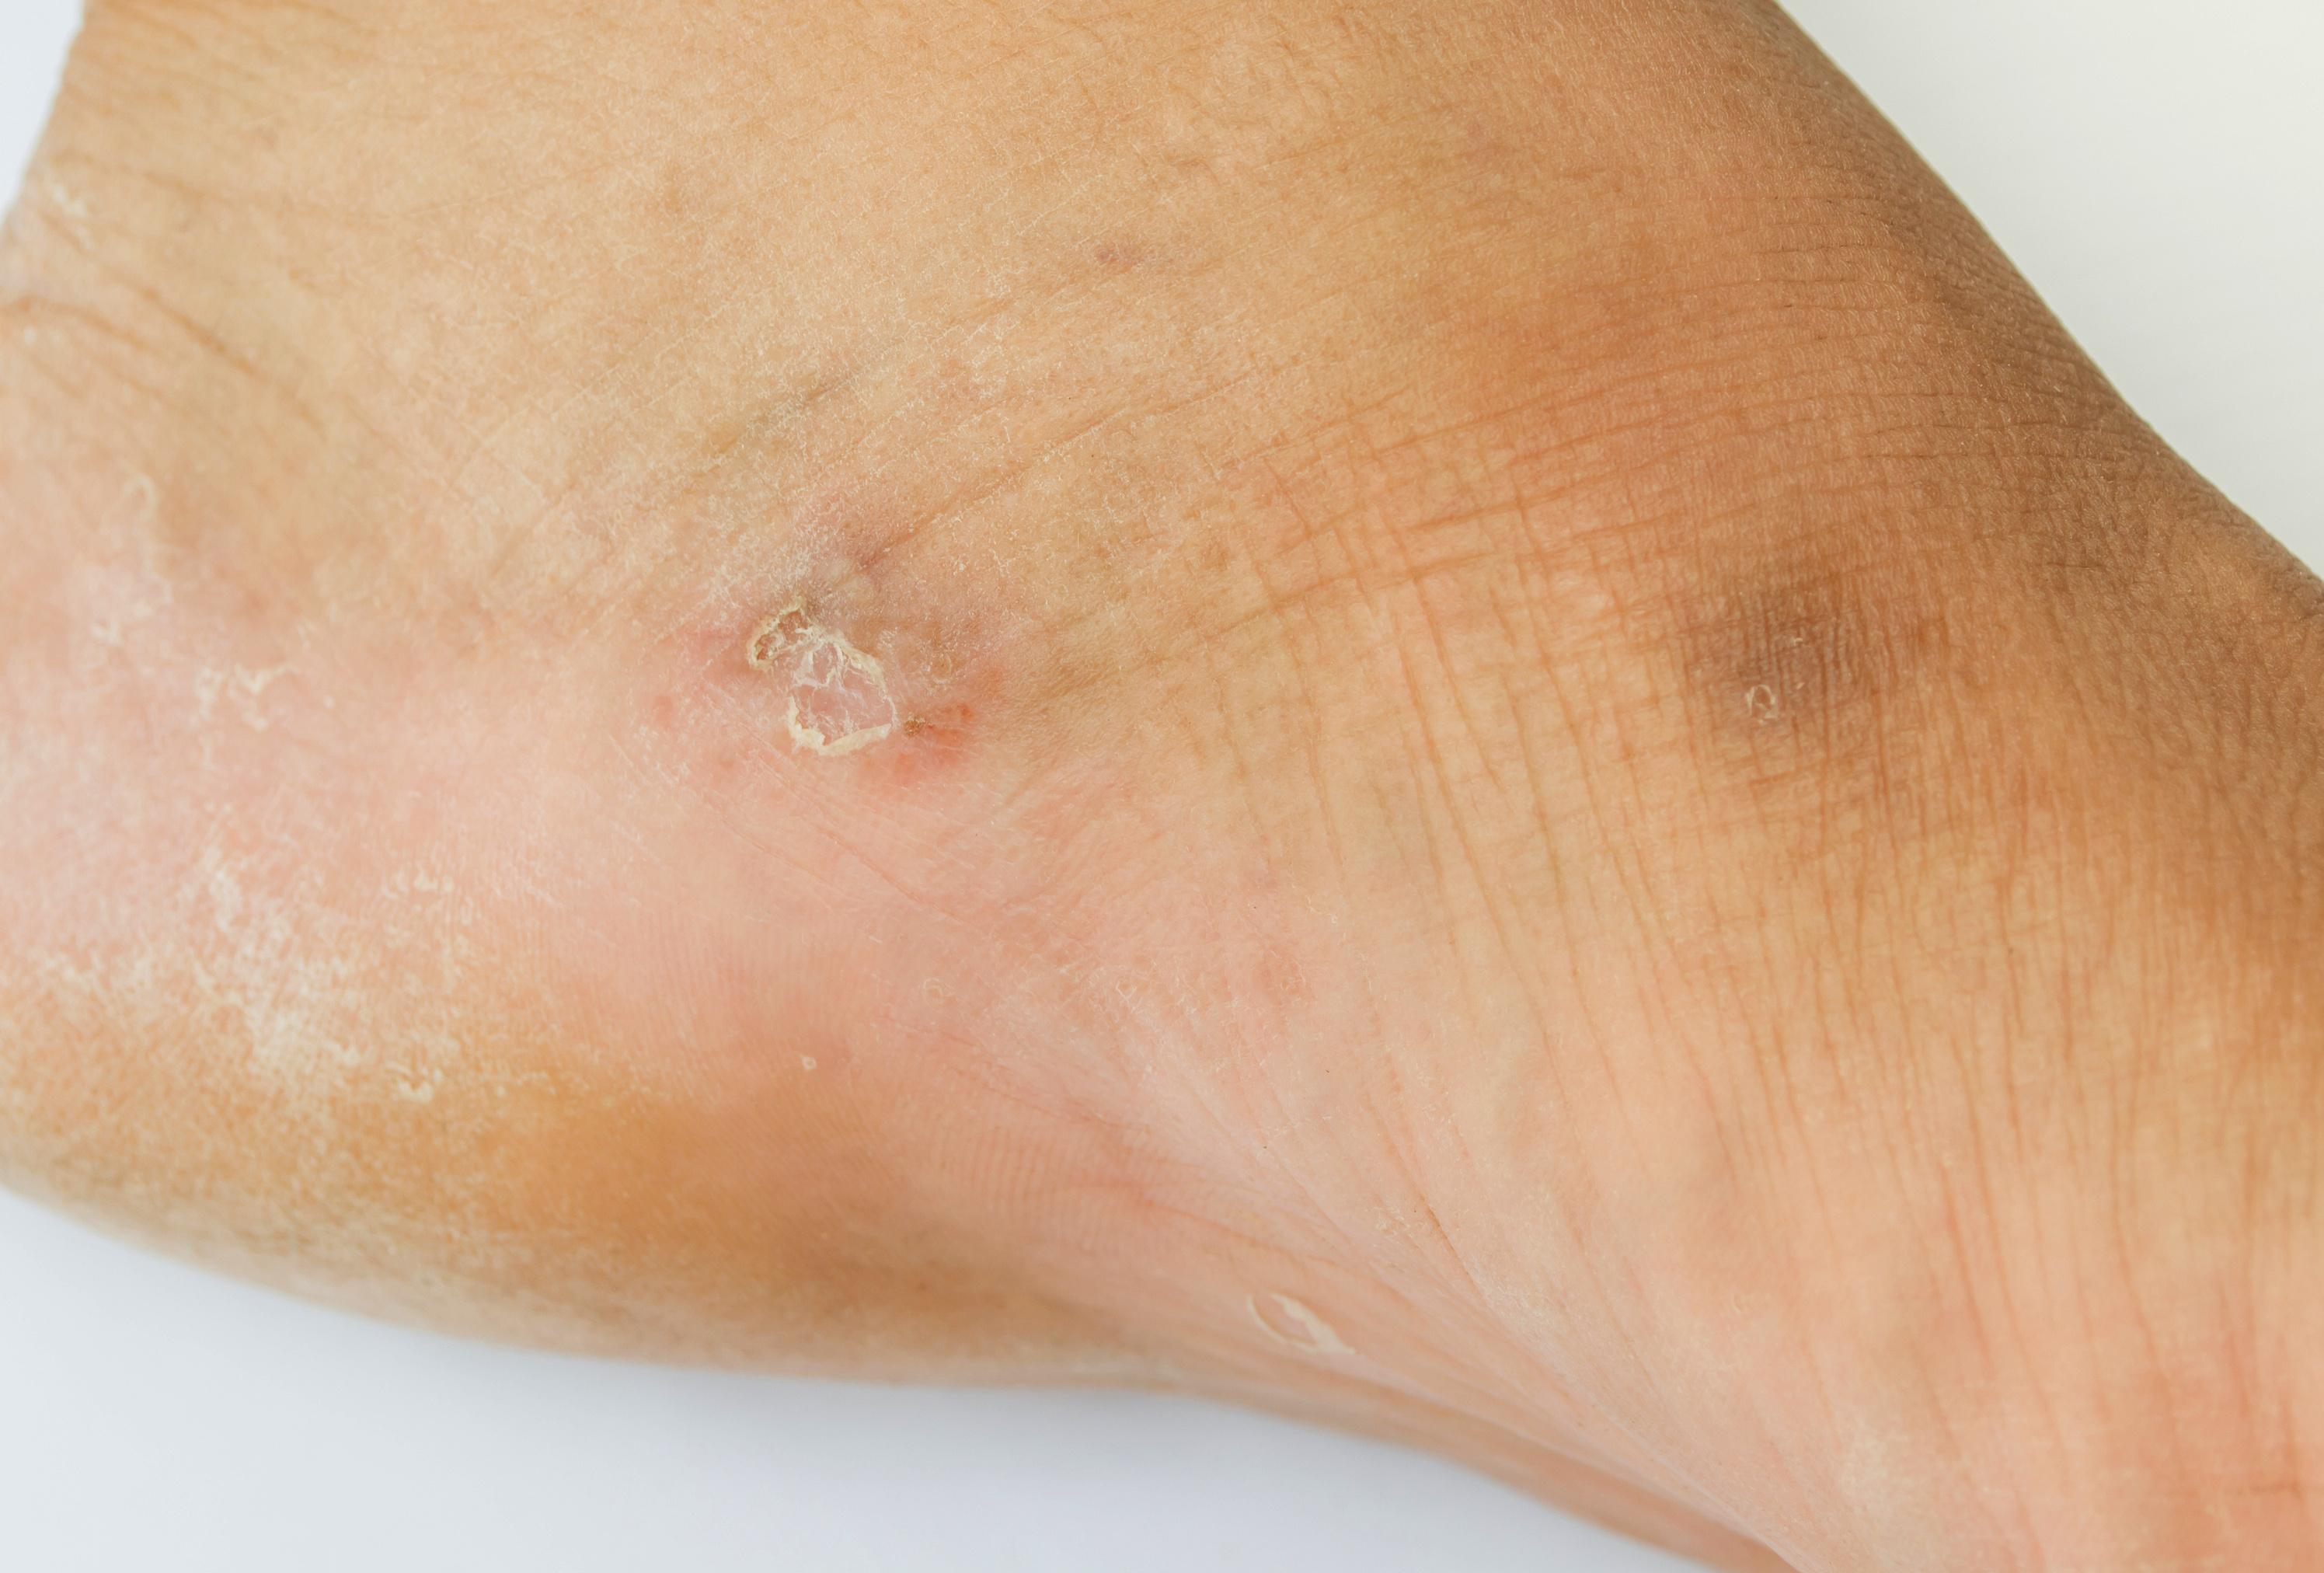 vizes vörös foltok a lábakon enyhíti a pikkelysömör súlyosbodását a fején